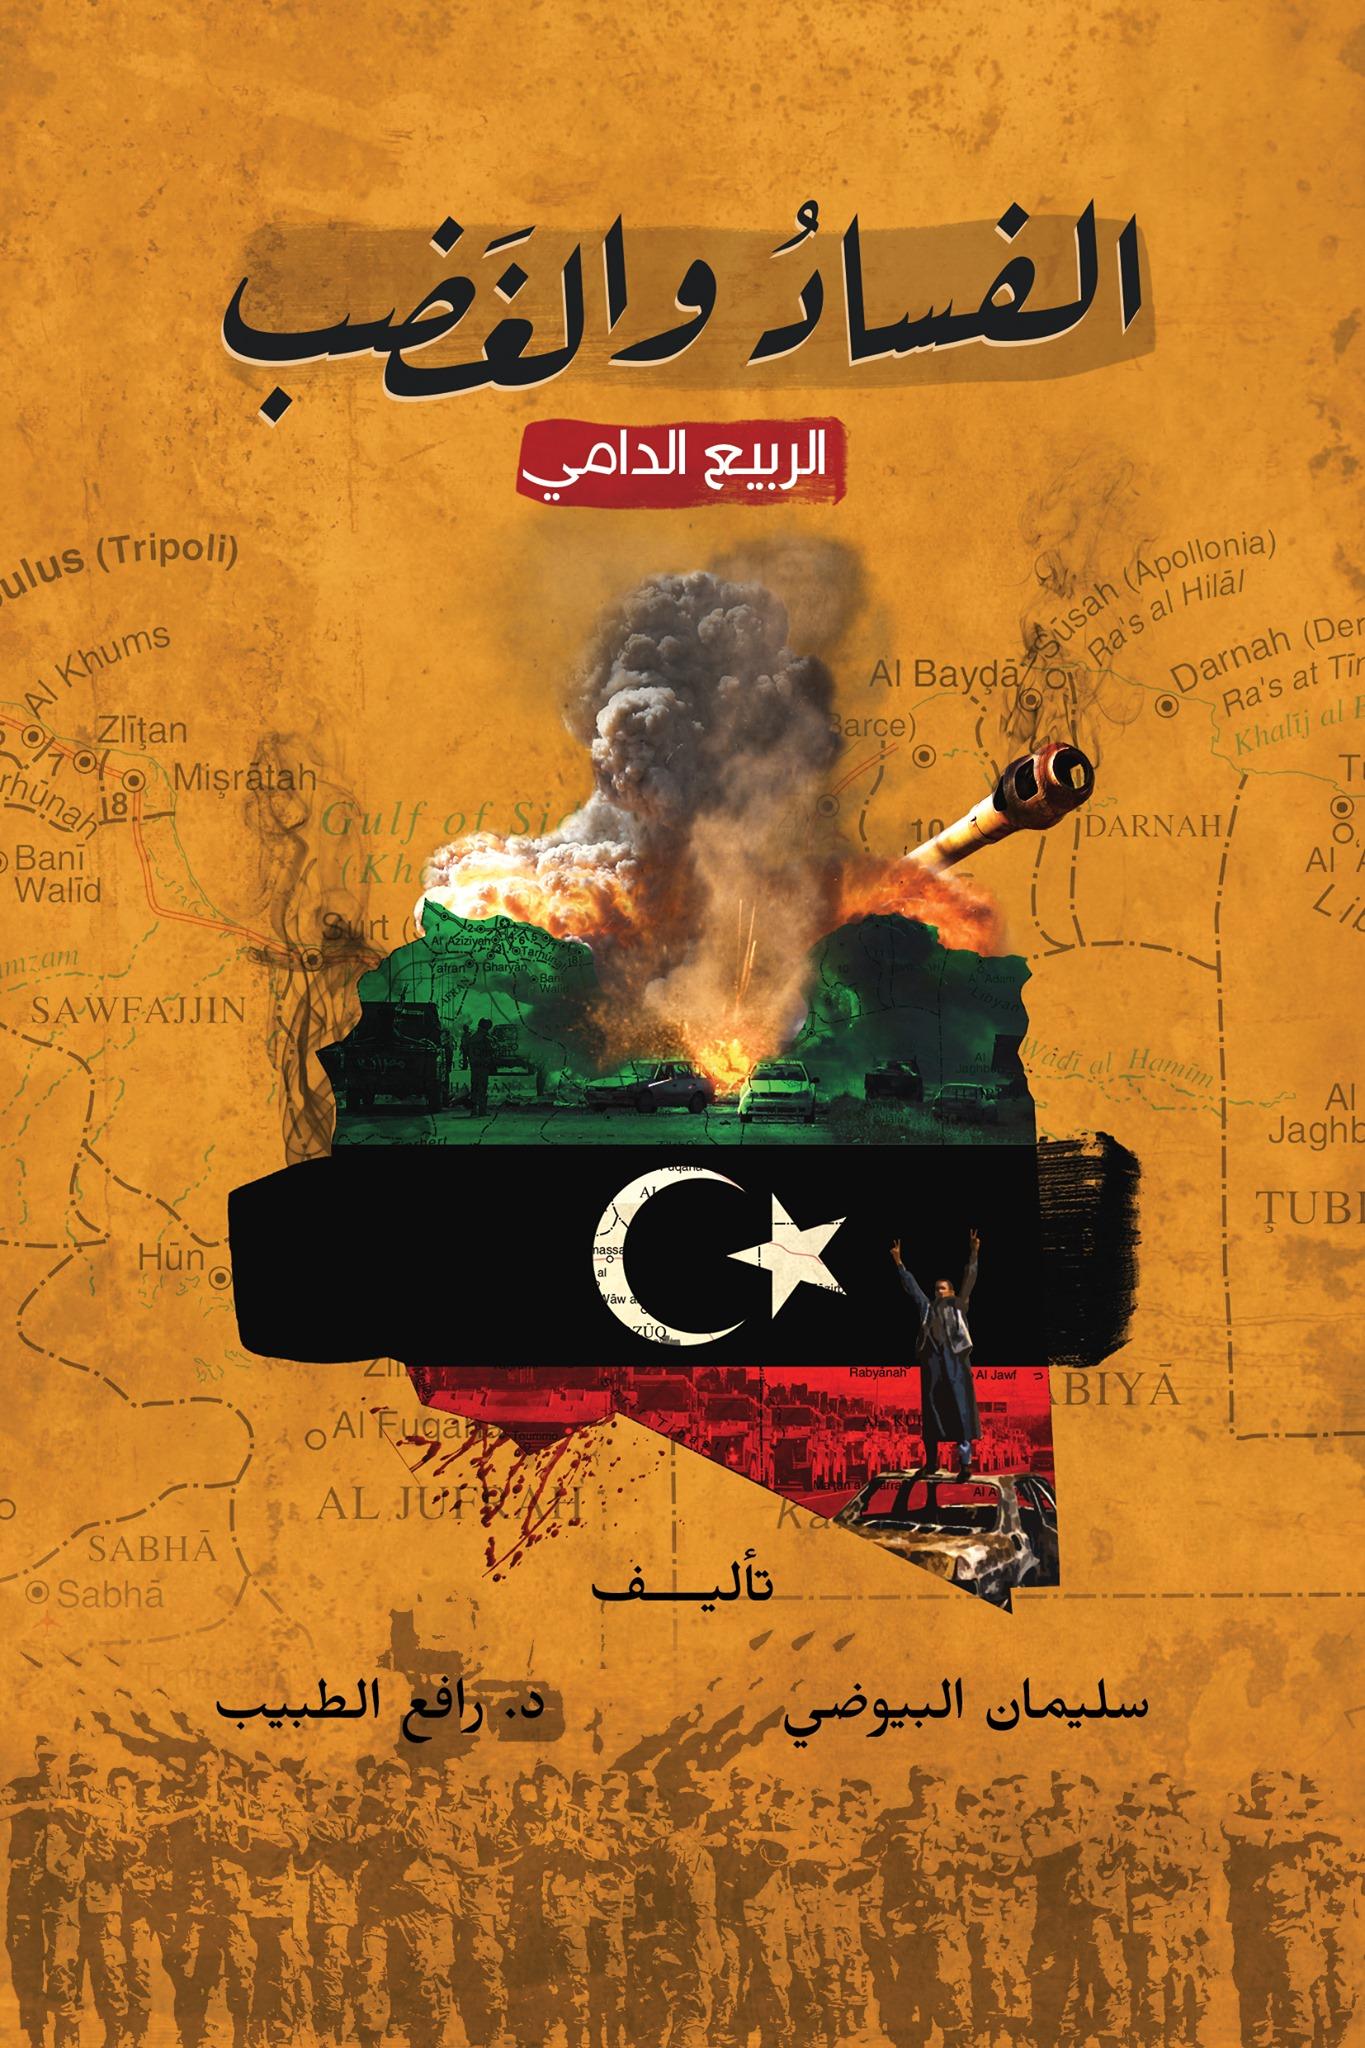 غلاف الكتاب الفساد والغضب- الربيع الدامي